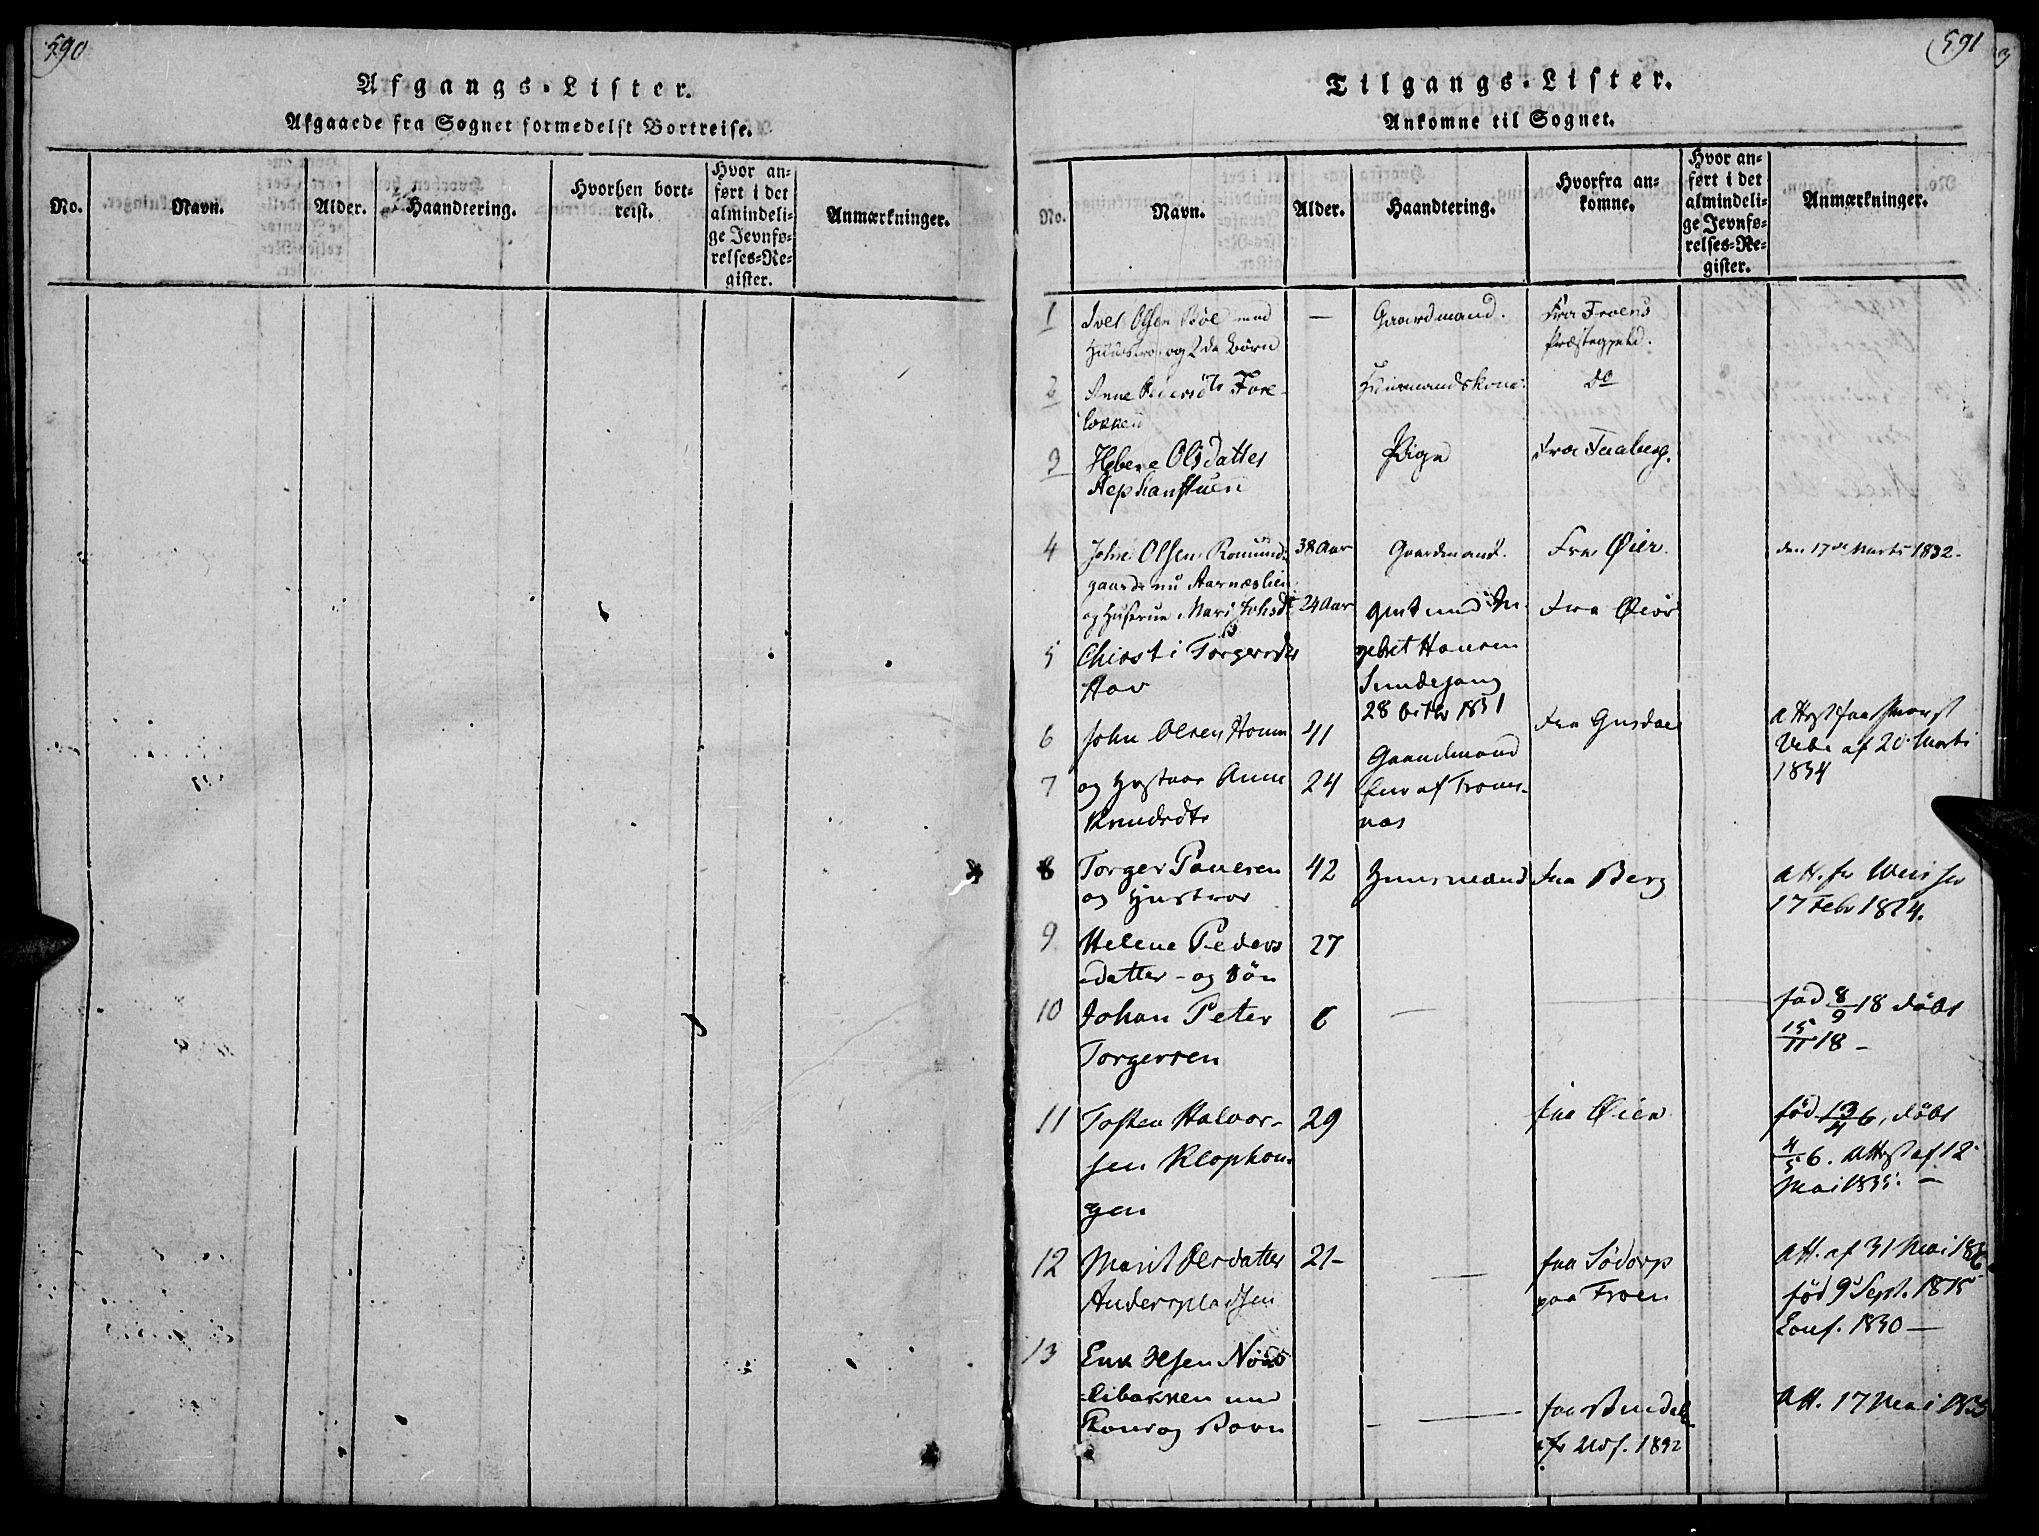 SAH, Ringebu prestekontor, Parish register (official) no. 4, 1821-1839, p. 590-591